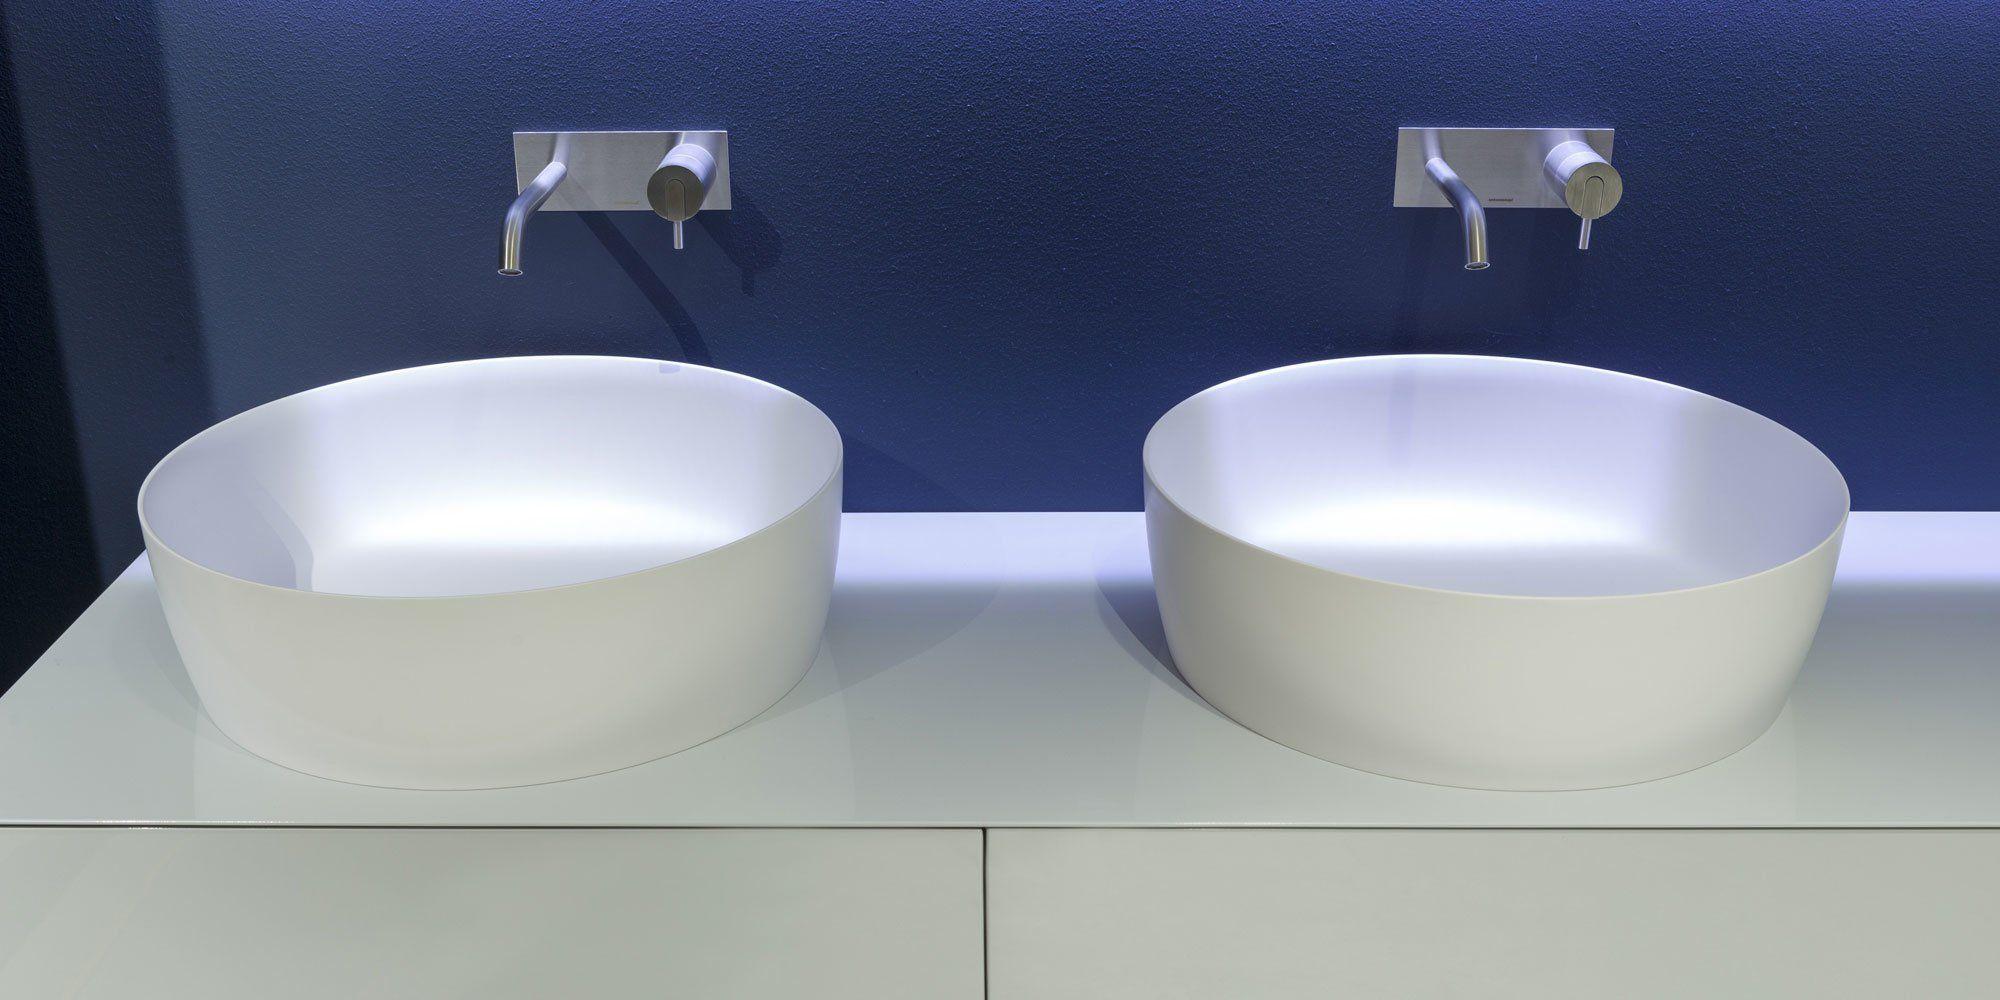 antonio lupi waschbecken waschtisch catino designbest. Black Bedroom Furniture Sets. Home Design Ideas